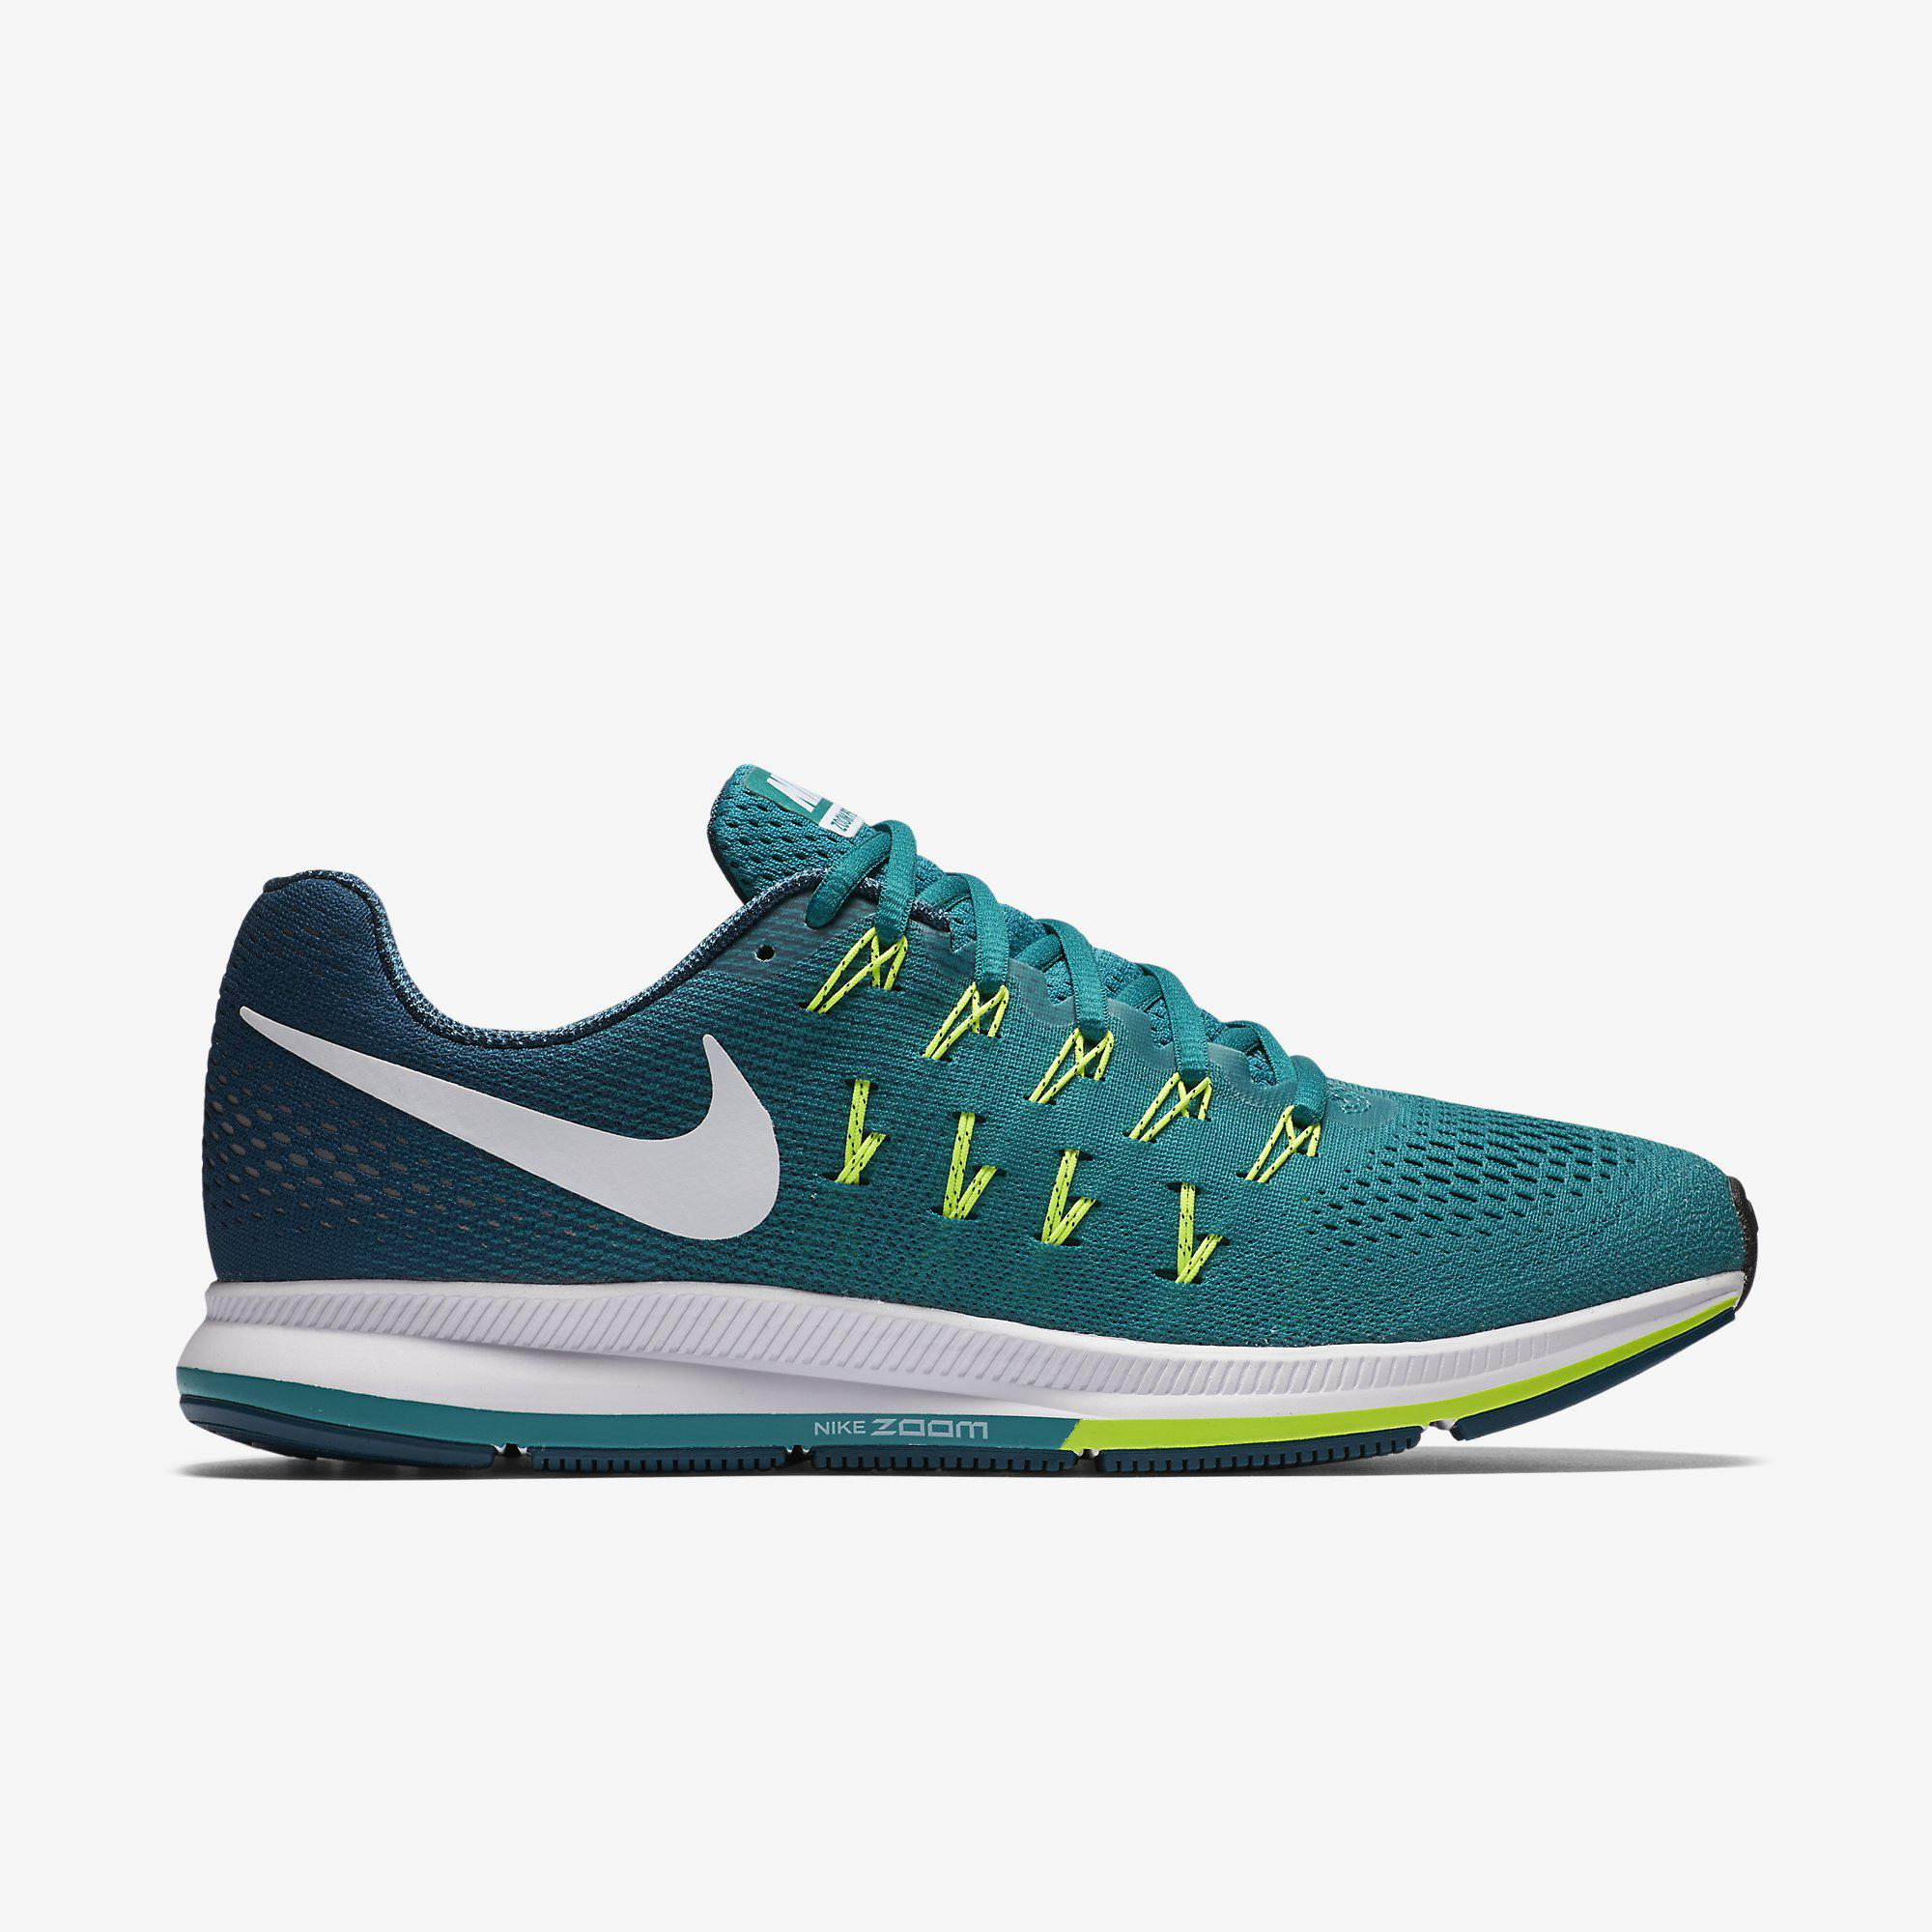 d5fa3258144a Nike Mens Air Zoom Pegasus 33 Running Shoes - Rio Teal Midnight Turquoise -  Tennisnuts.com